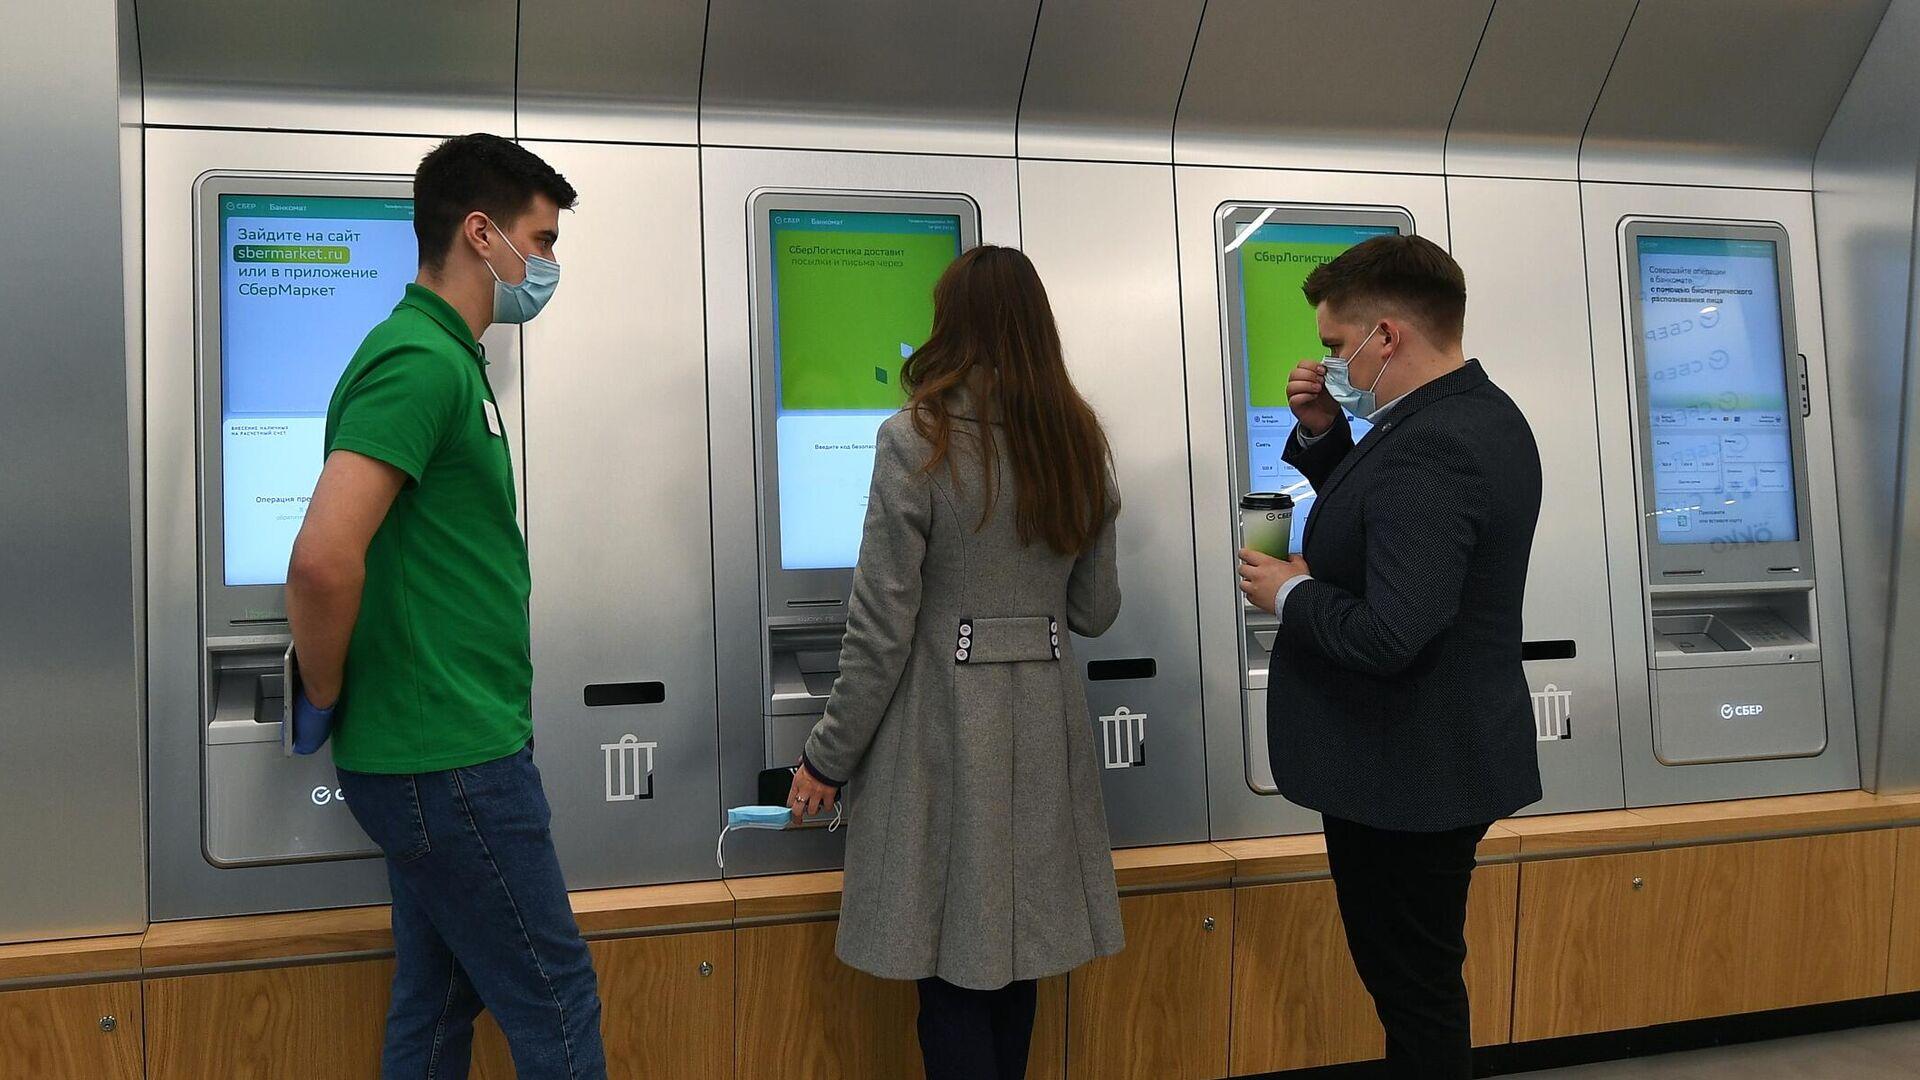 Эксперт оценил риски кредитования через банкомат с помощью биометрии